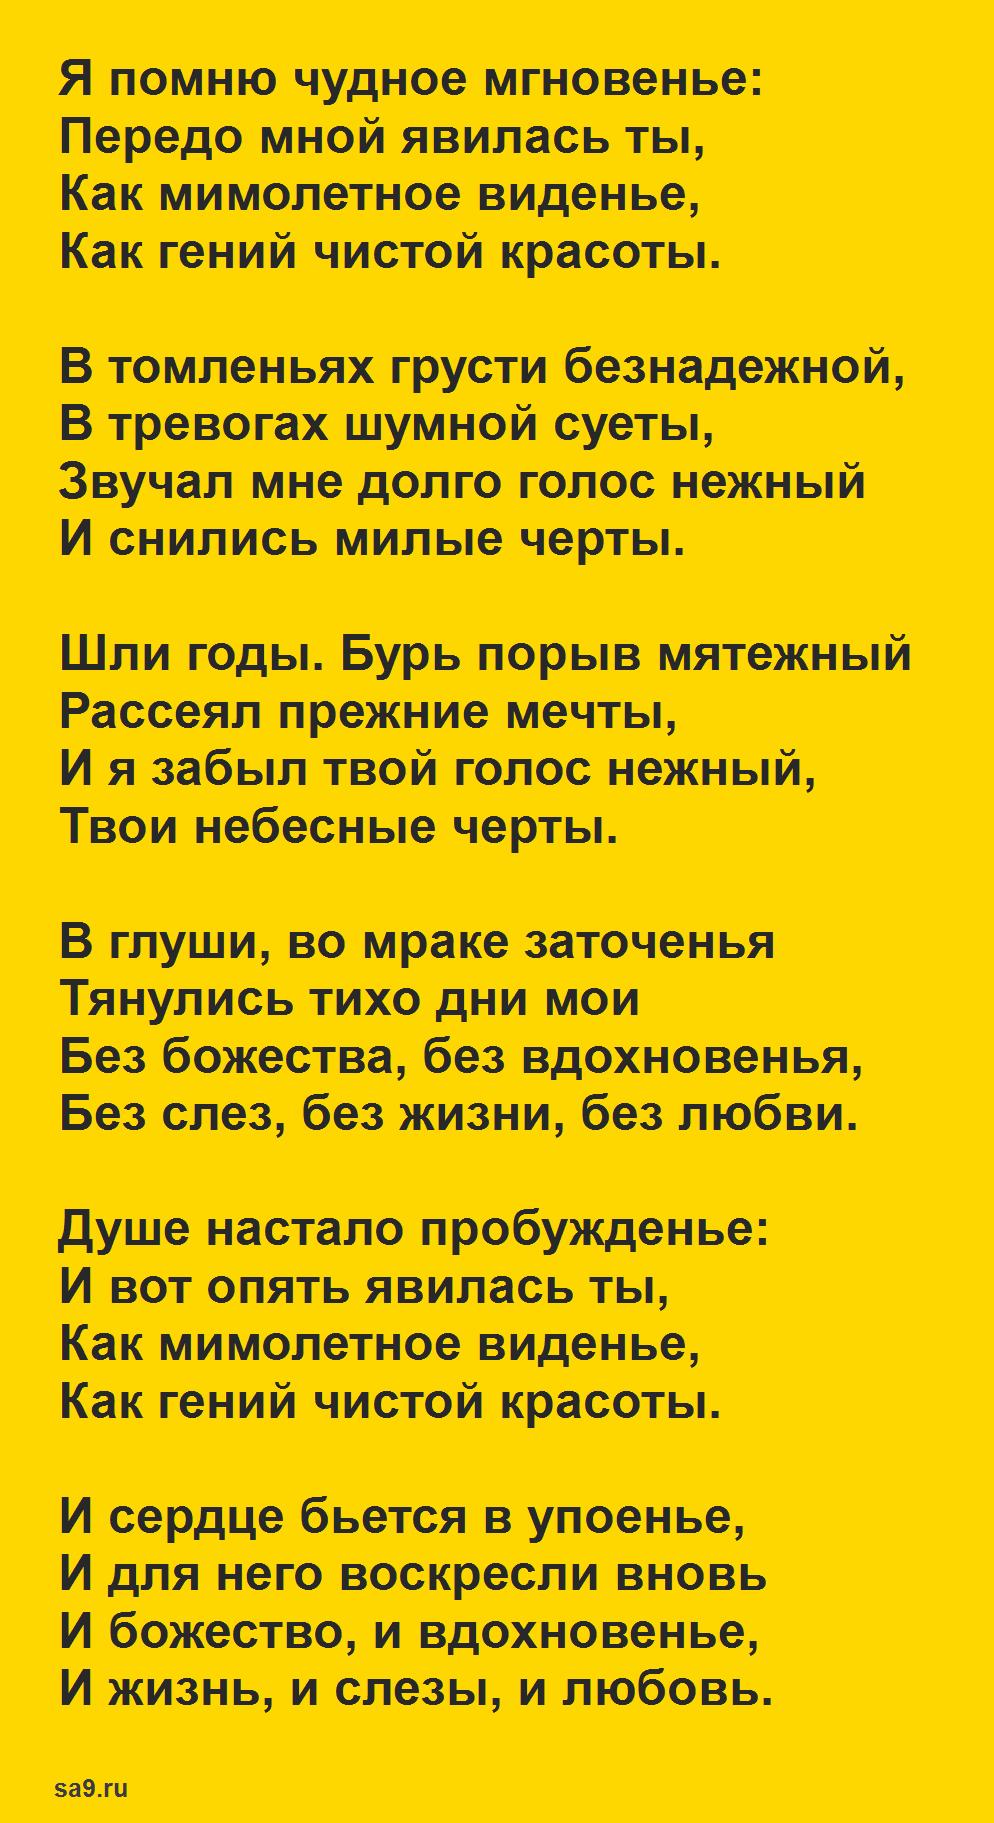 Стих Пушкина - Я помню чудное мгновенье